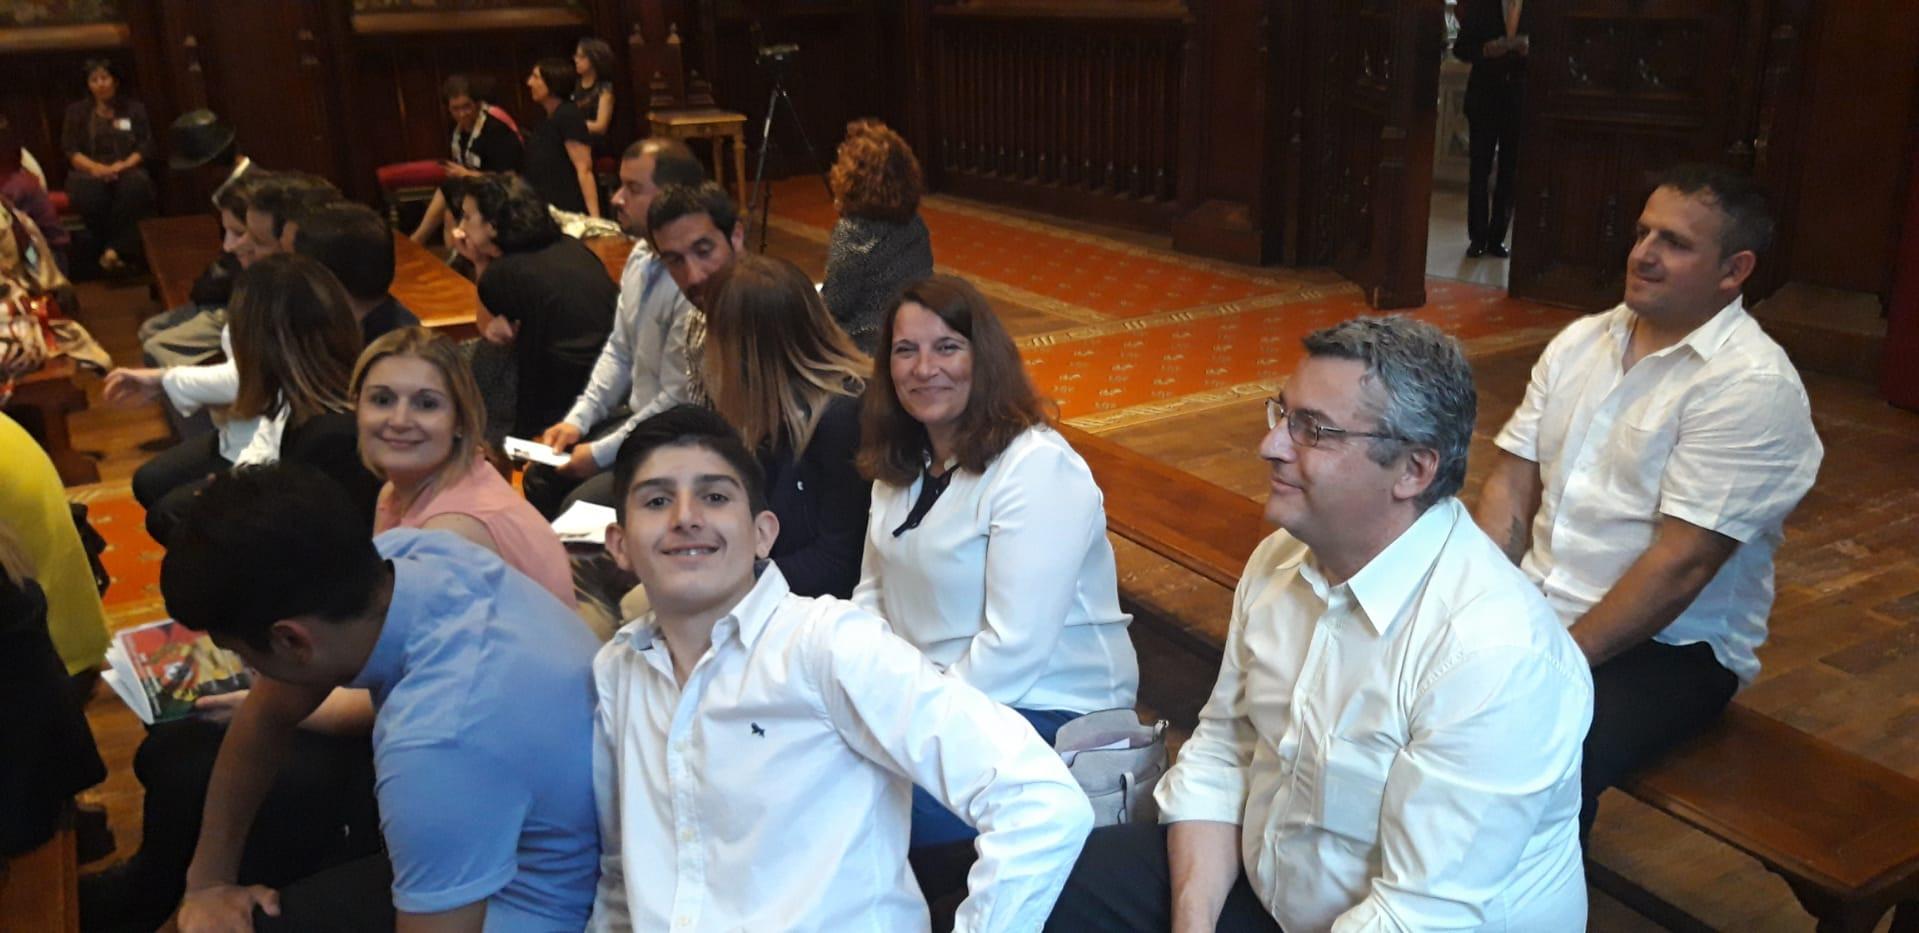 Les familles portugaises, membres et volontaires des associations et clubs de la FAPB, sont venus au concert de musique classique. Pour les plus jeunes c'était une prèmiére. La bonne humeur est visible.